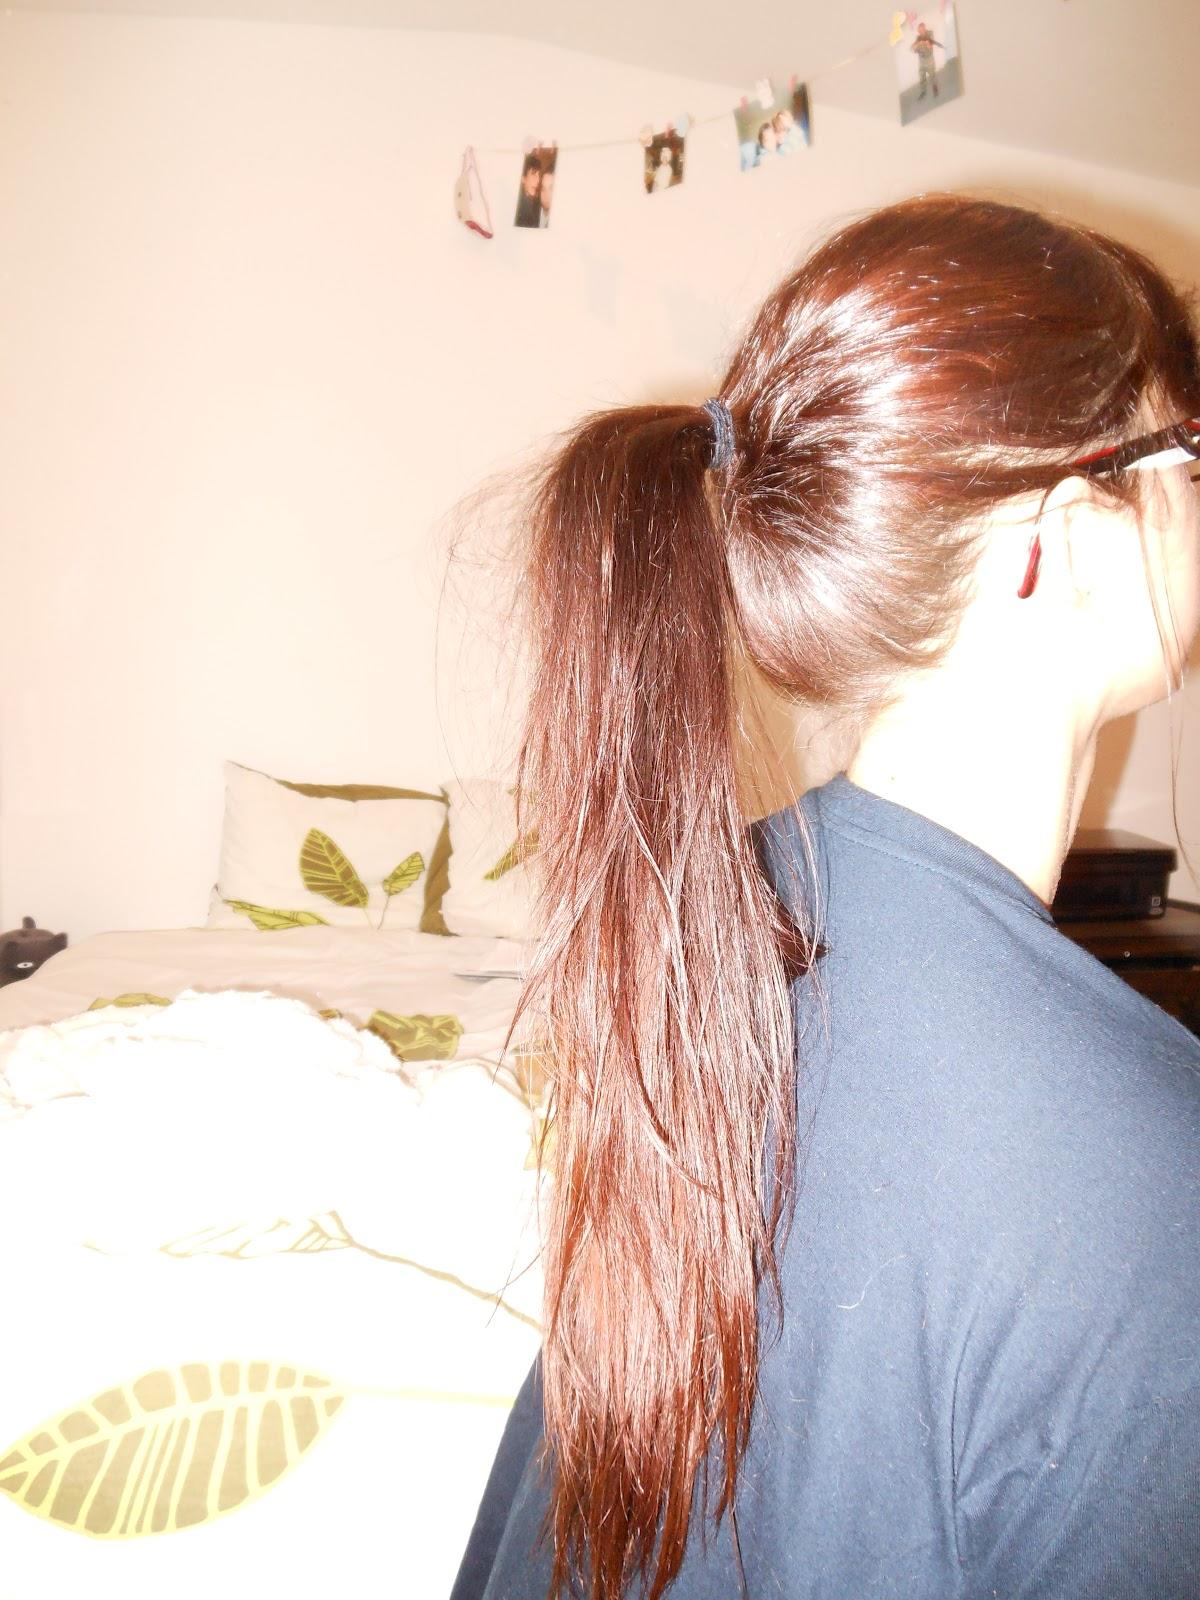 Shampoing qui active la pousse des cheveux